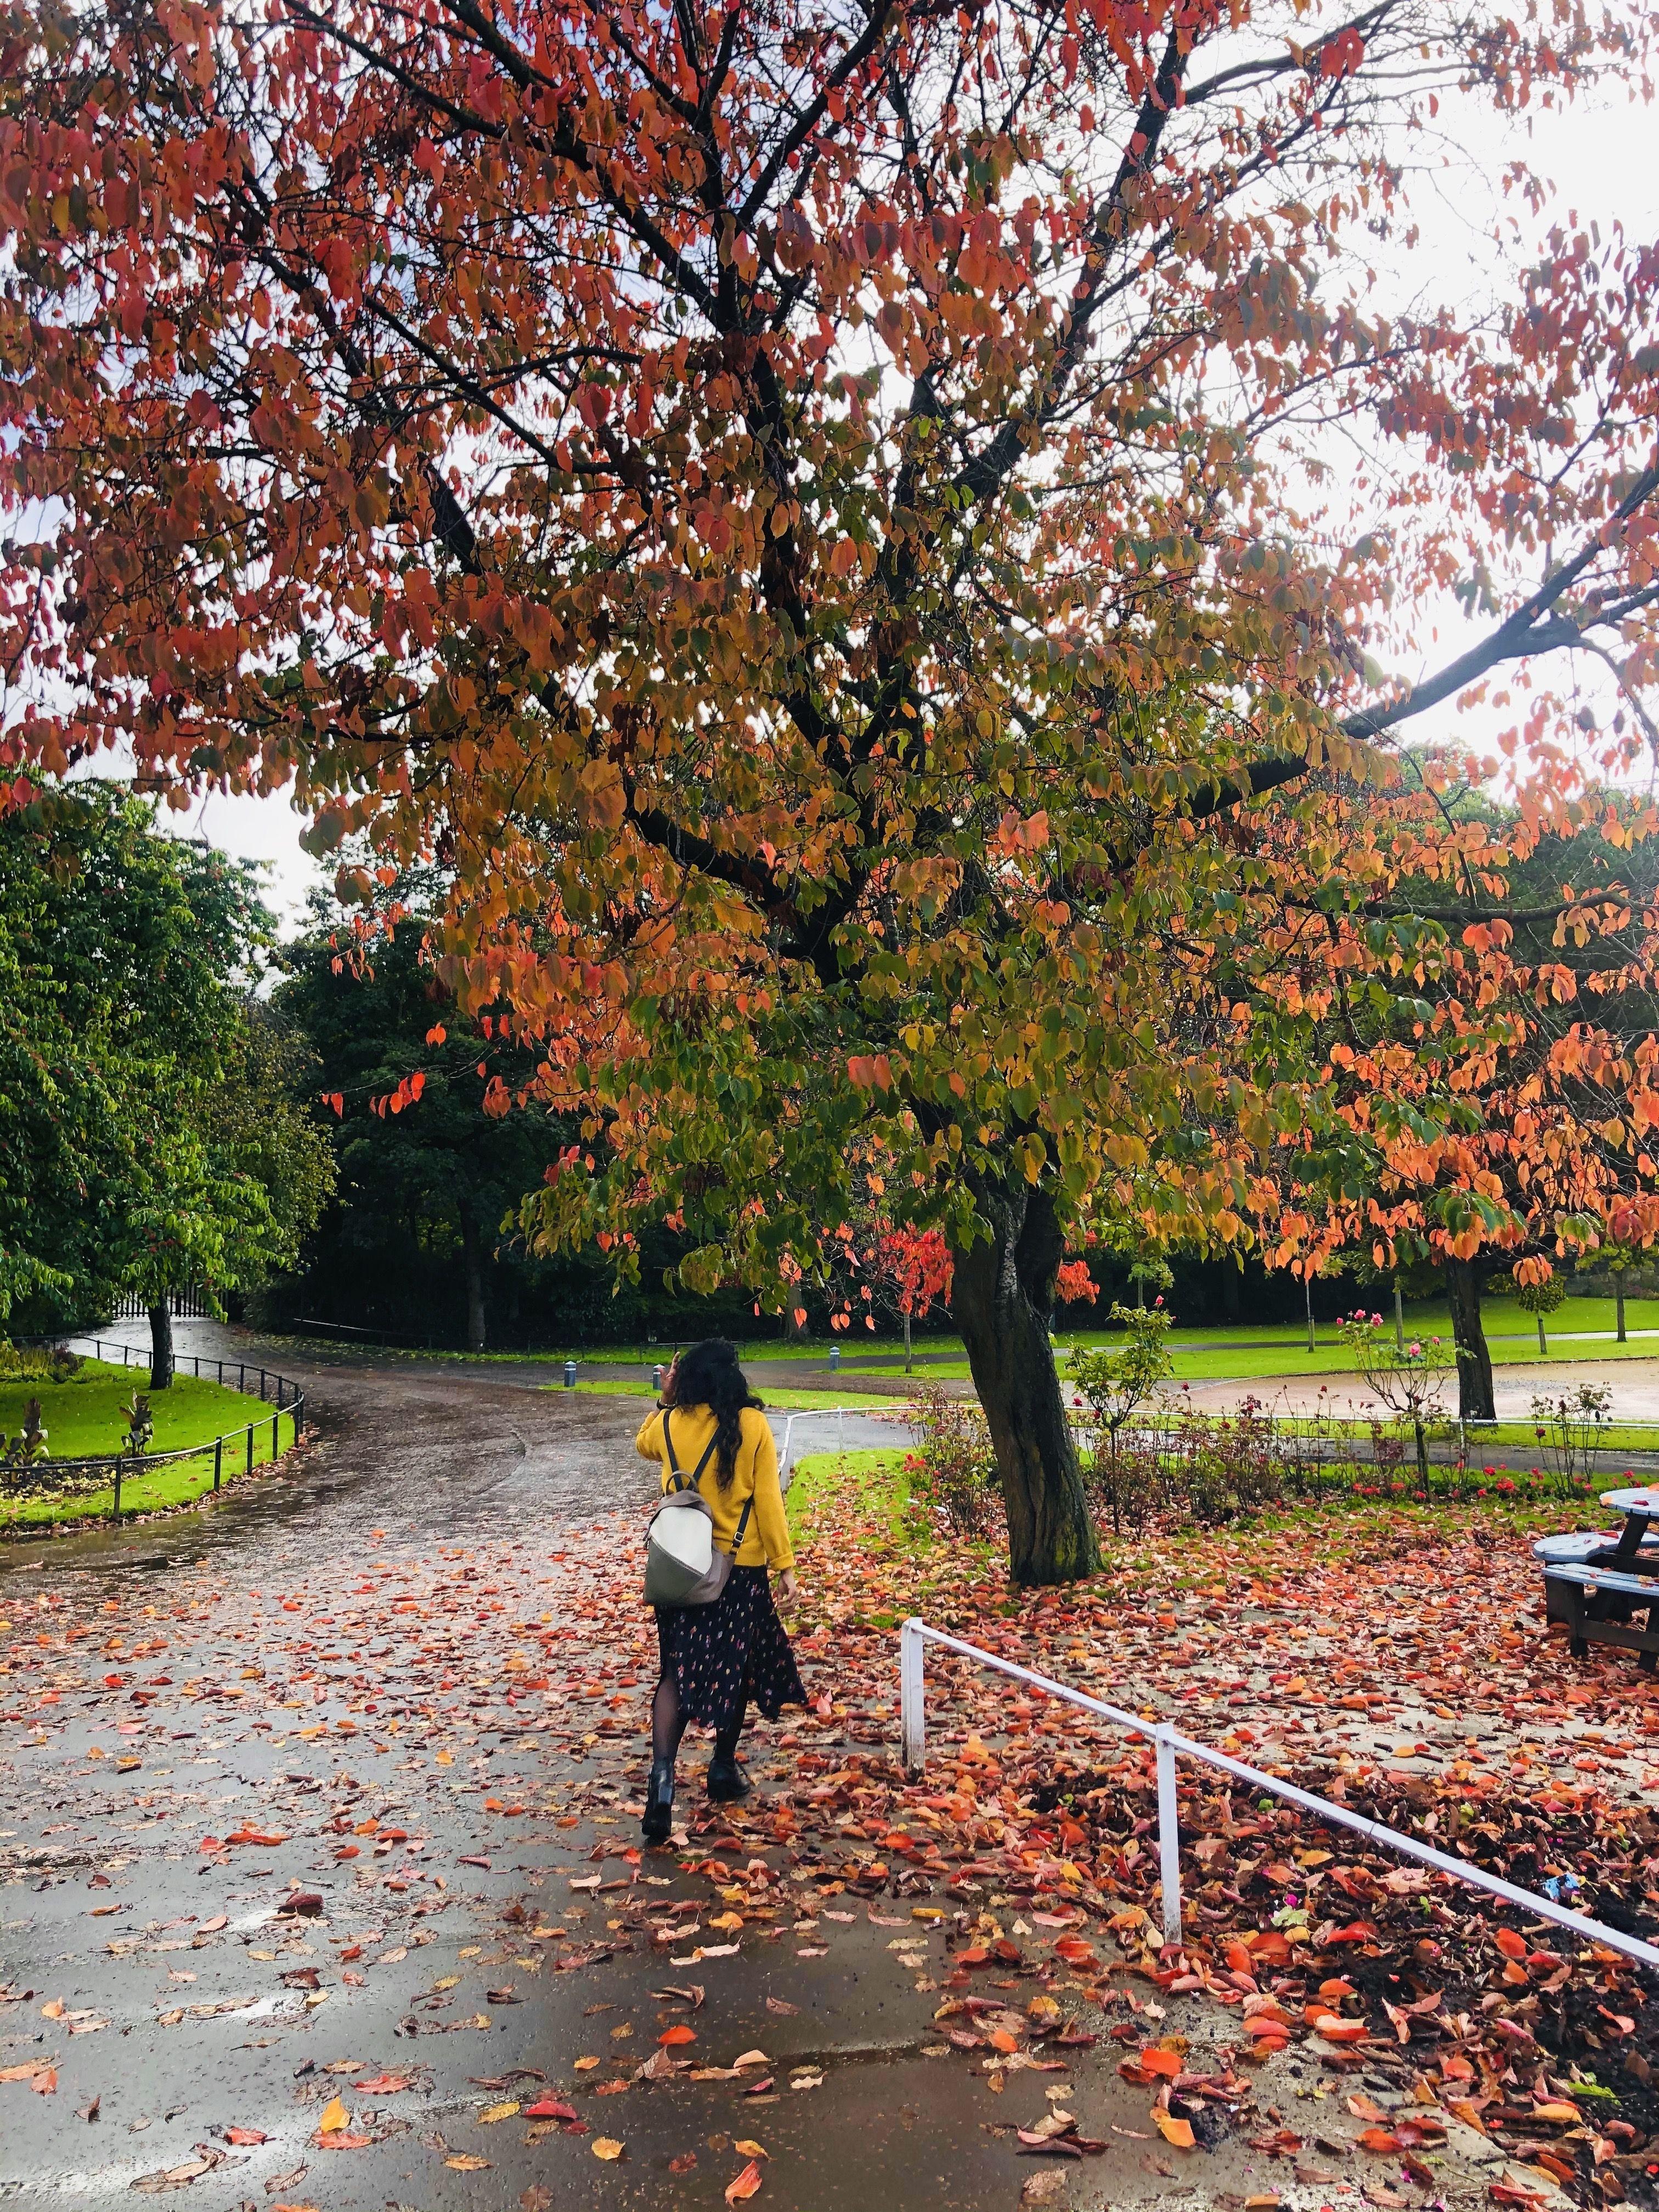 Chasing Autumn tones 🍂✨🍁 #Shewhowanders #Shotoniphone #onlyinwhistler #travelphotography #edinphoto #StreetStyle #ForeverEdinburgh #ThisisEdinburgh #pictureoftheday #Manali #thewanderingtourists #triptocommunity #mypixeldairy #desiinfluencer #autumnquotes #Femmetravel #staycation #autumnleaves #photooftheday #autumnoutfit #beautifuldestinations